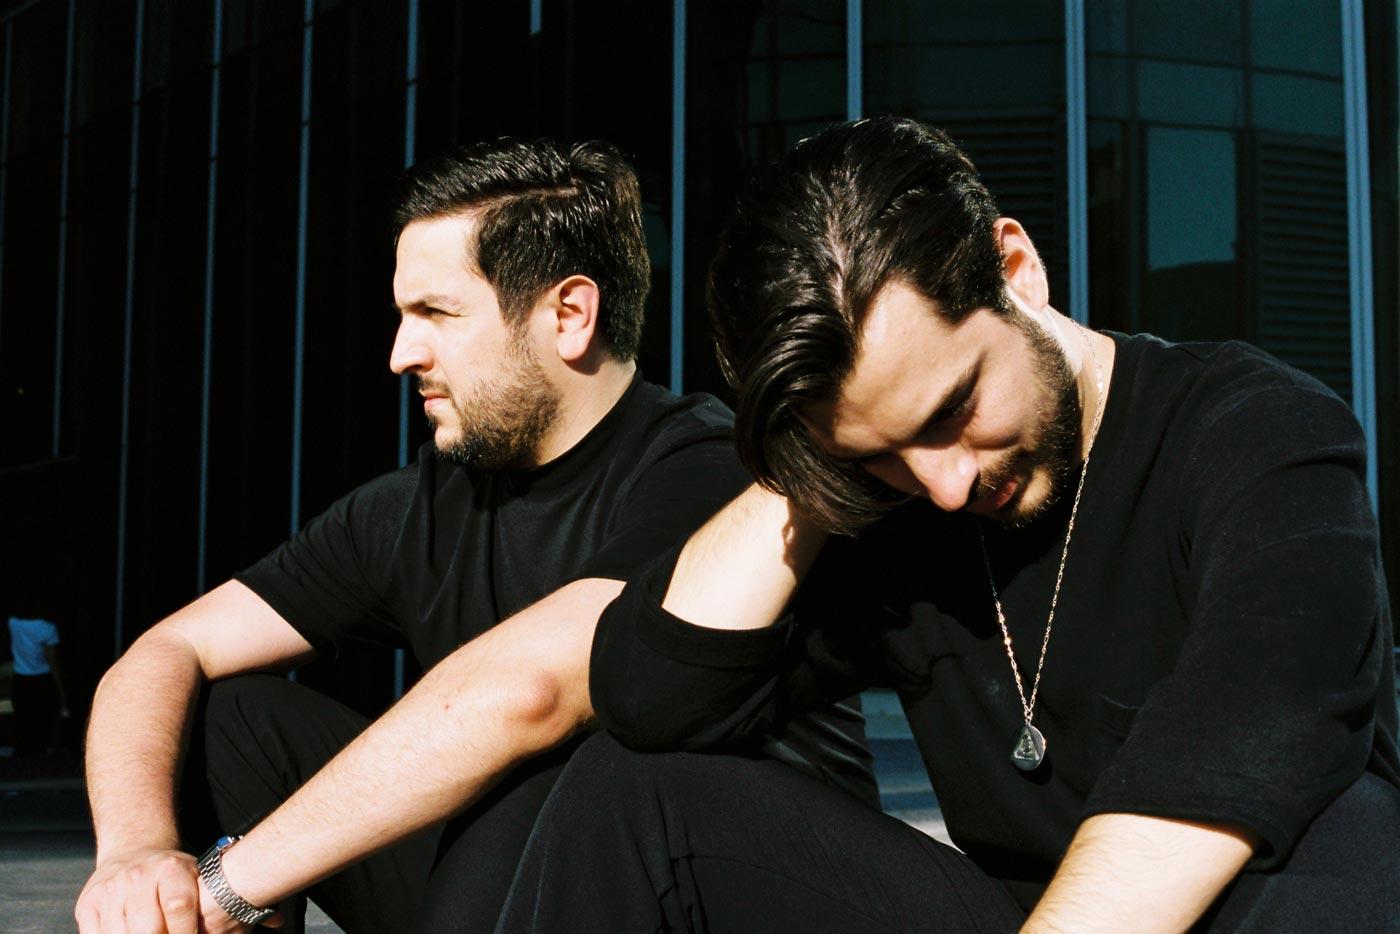 CLUBZ estrenan videoclip y arrancan su gira en Barcelona